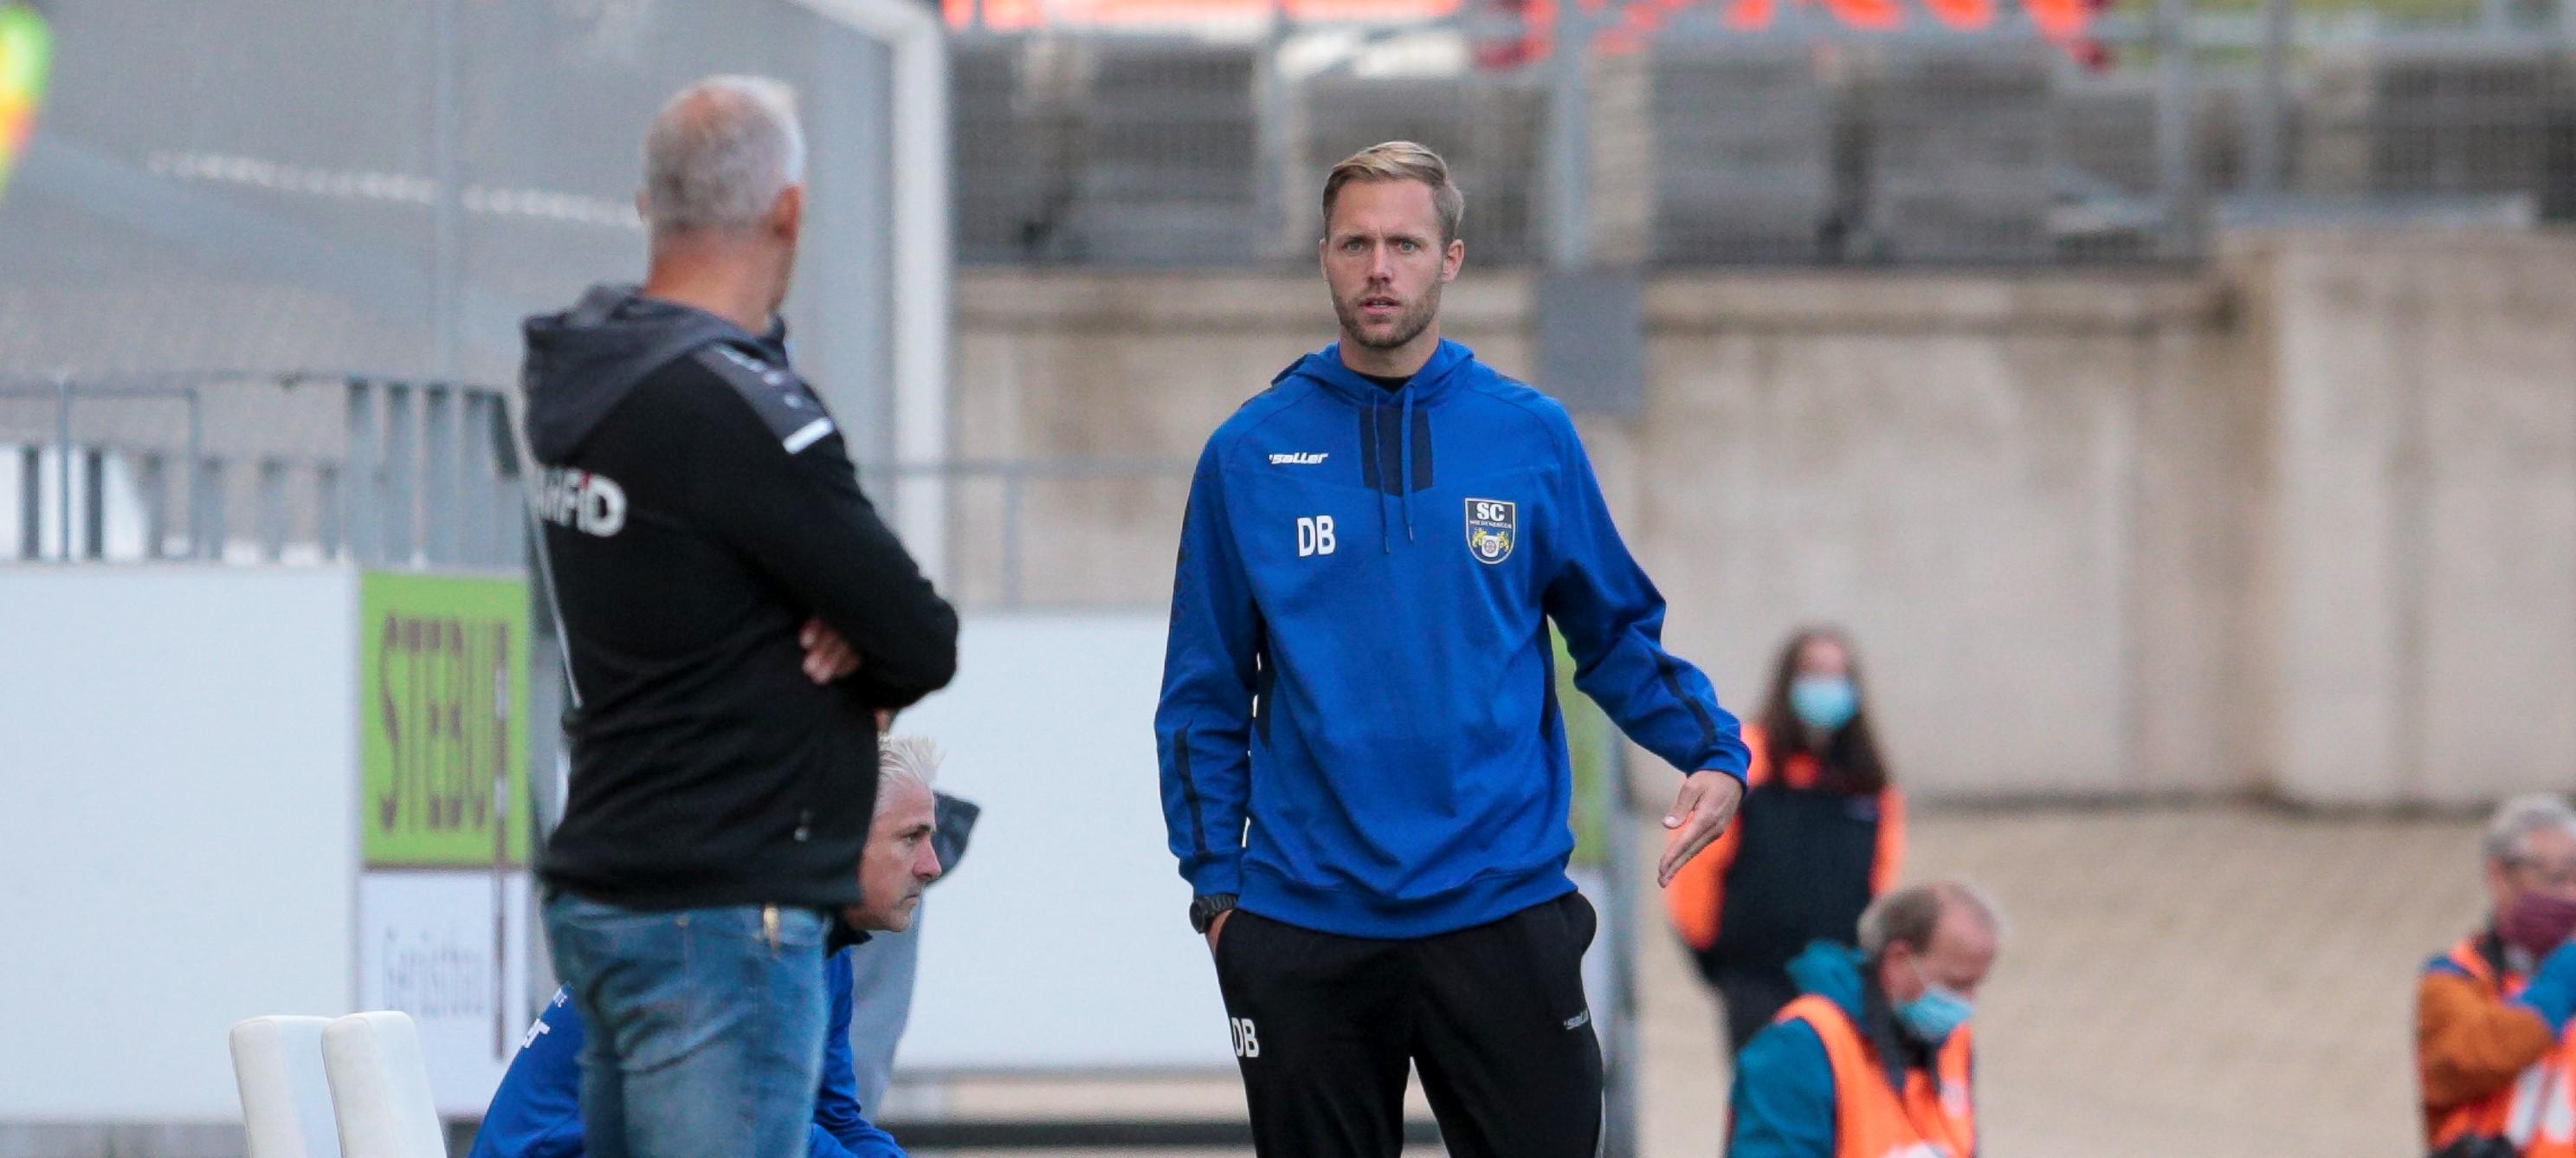 Daniel Brinkmann (r.), hier mit RWE-Chef-Trainer Christian Neidhart, lieferte mit dem SC Wiedenbrück eine solide Hinrunde ab. (Foto: Endberg)